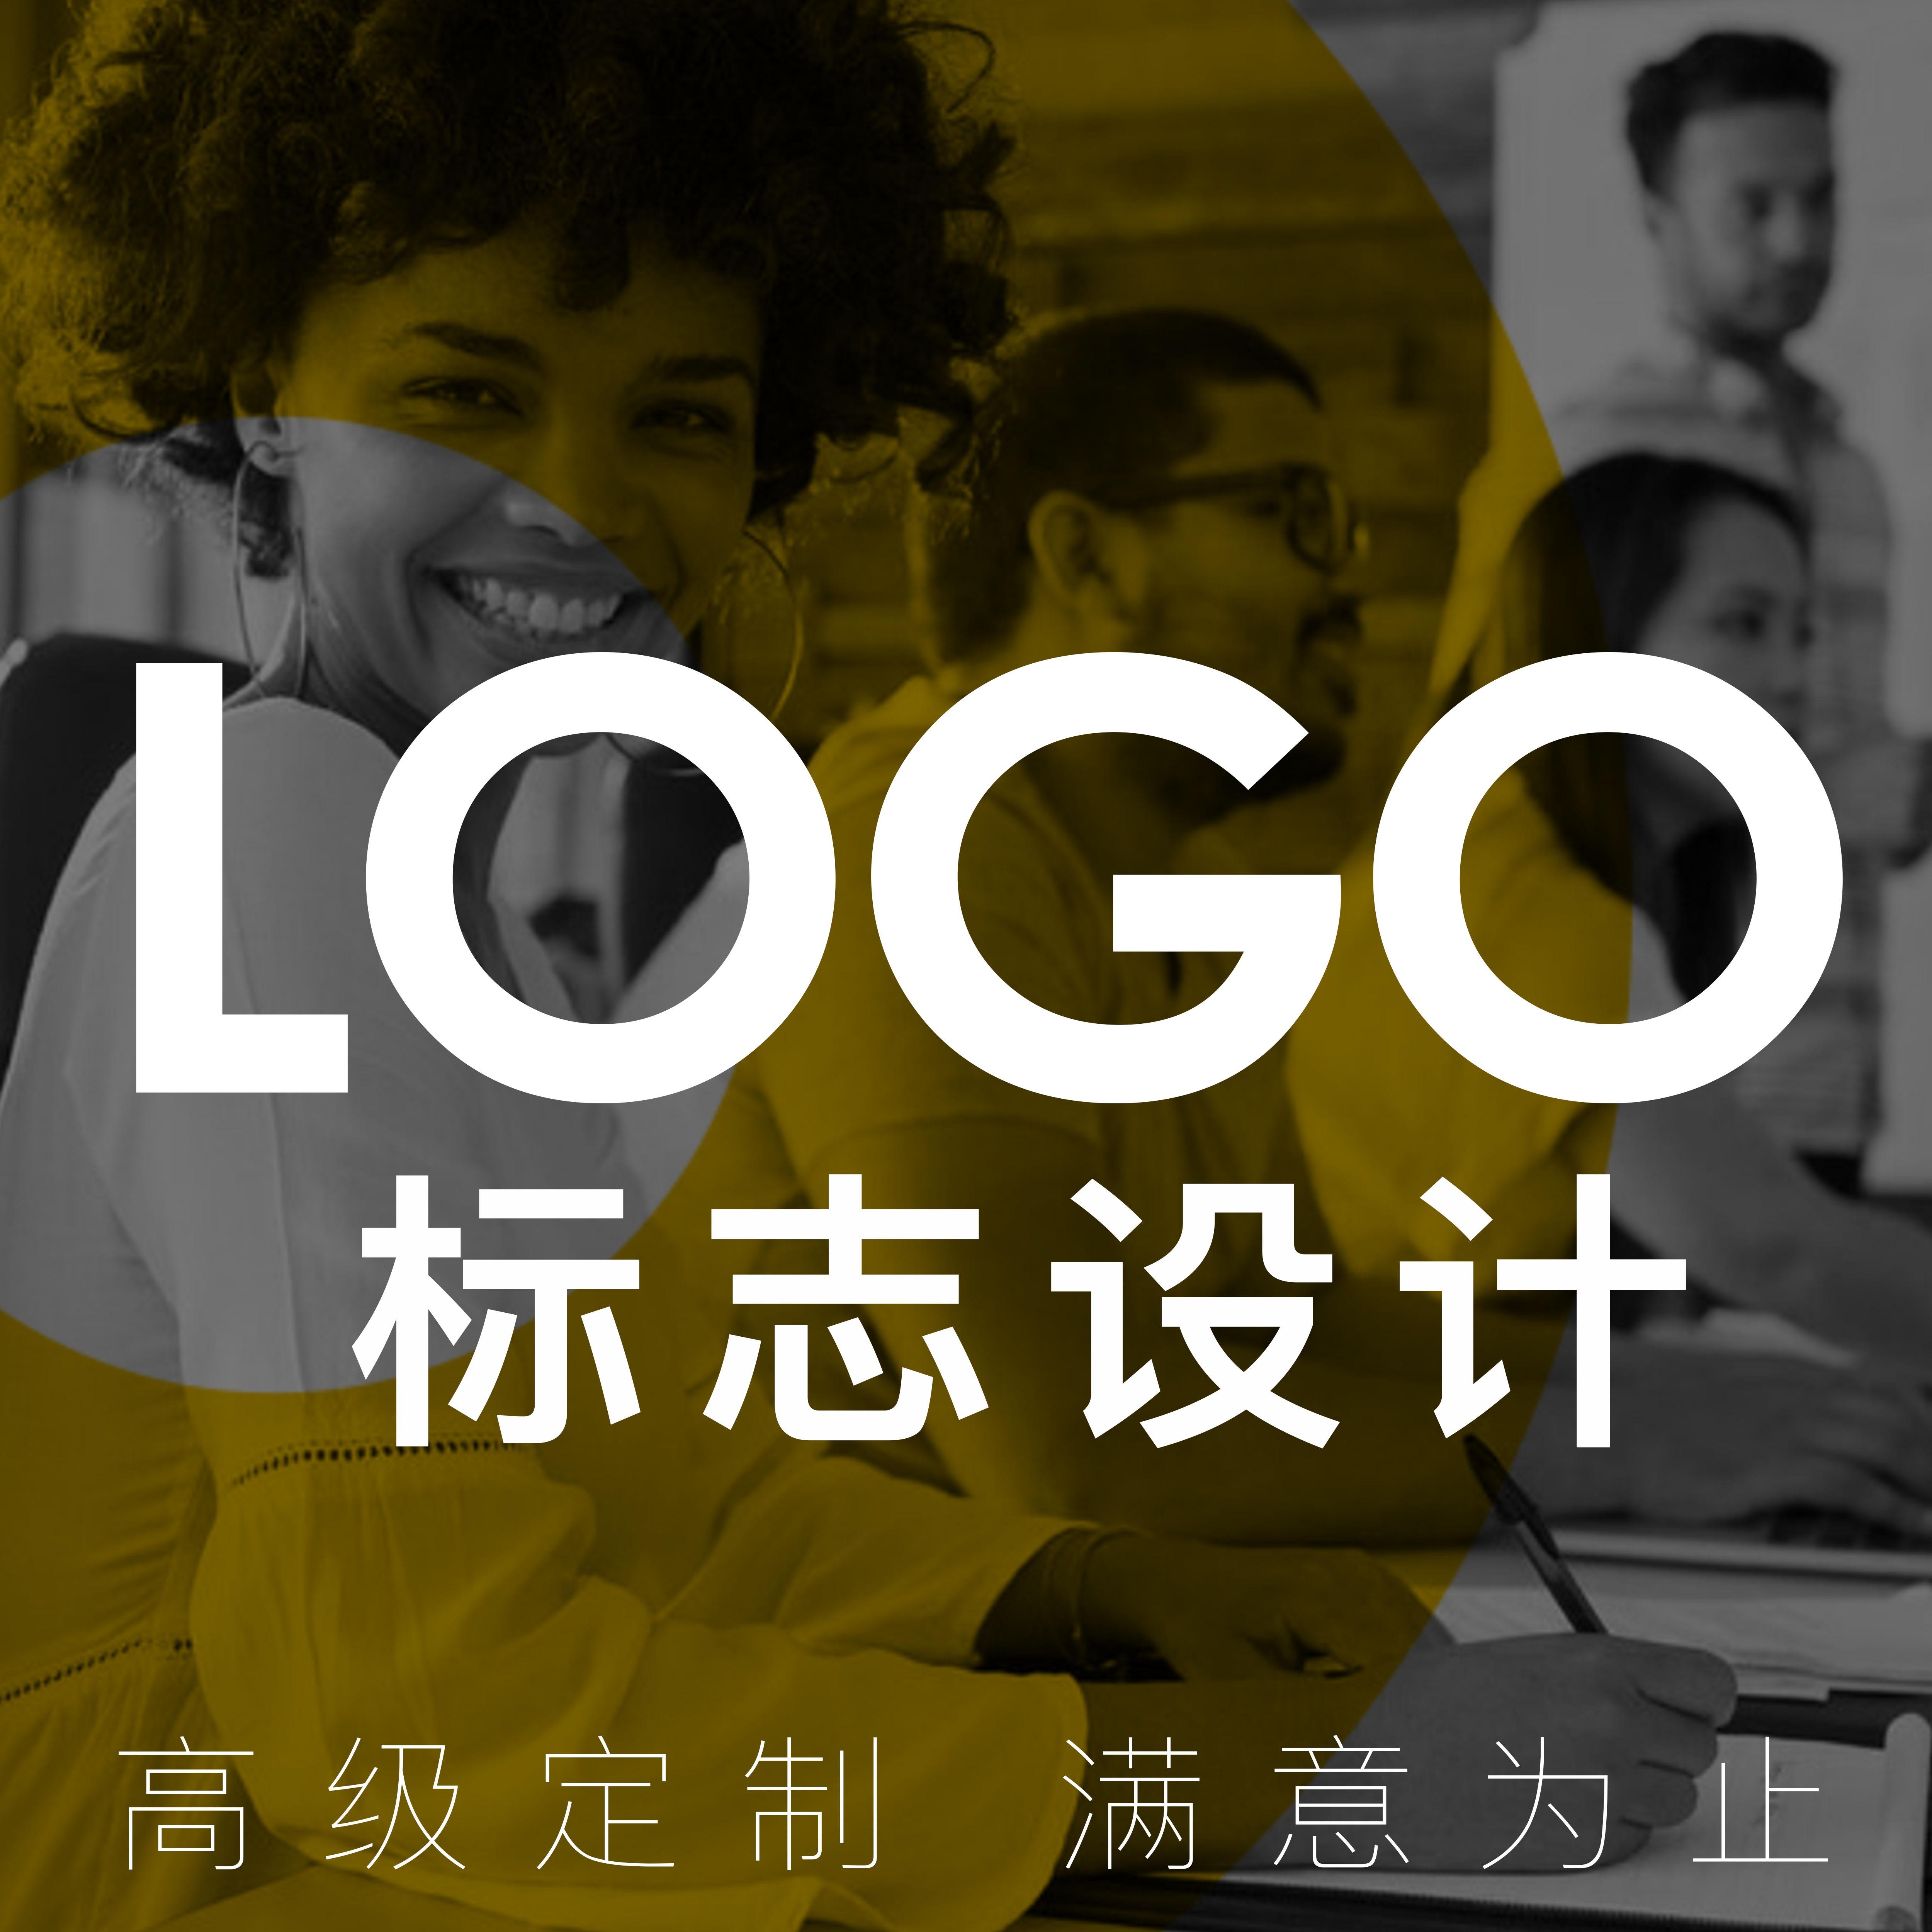 房产金融婚礼酒店电商服饰教育品牌 LOGO 商标标志 logo 设计